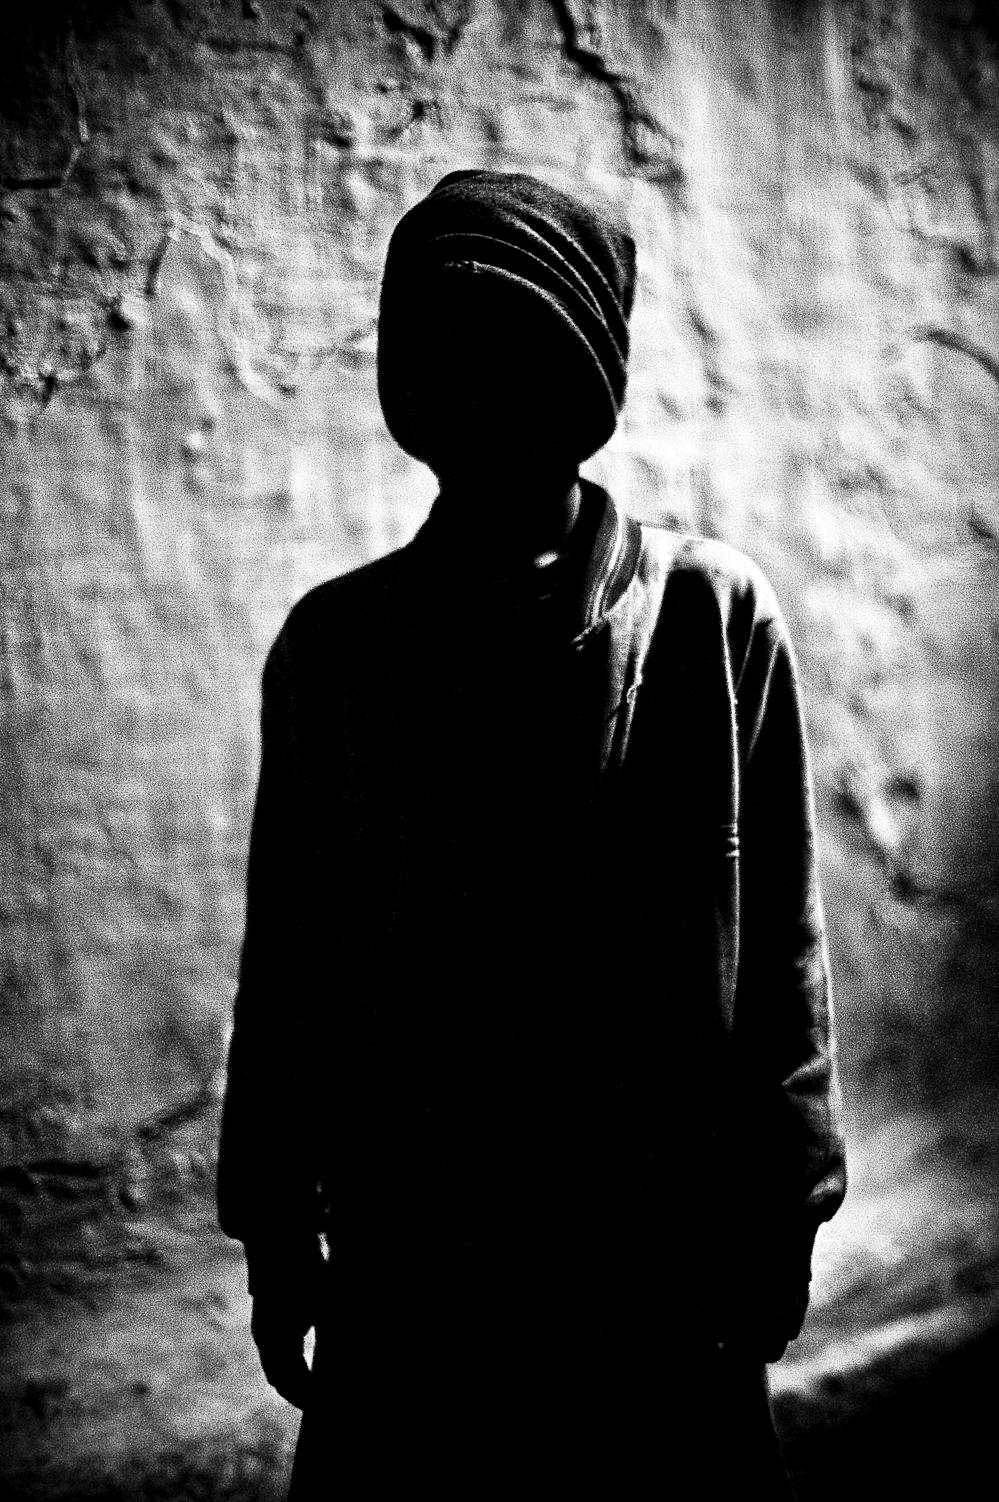 les enfants perdus de kamandou-1